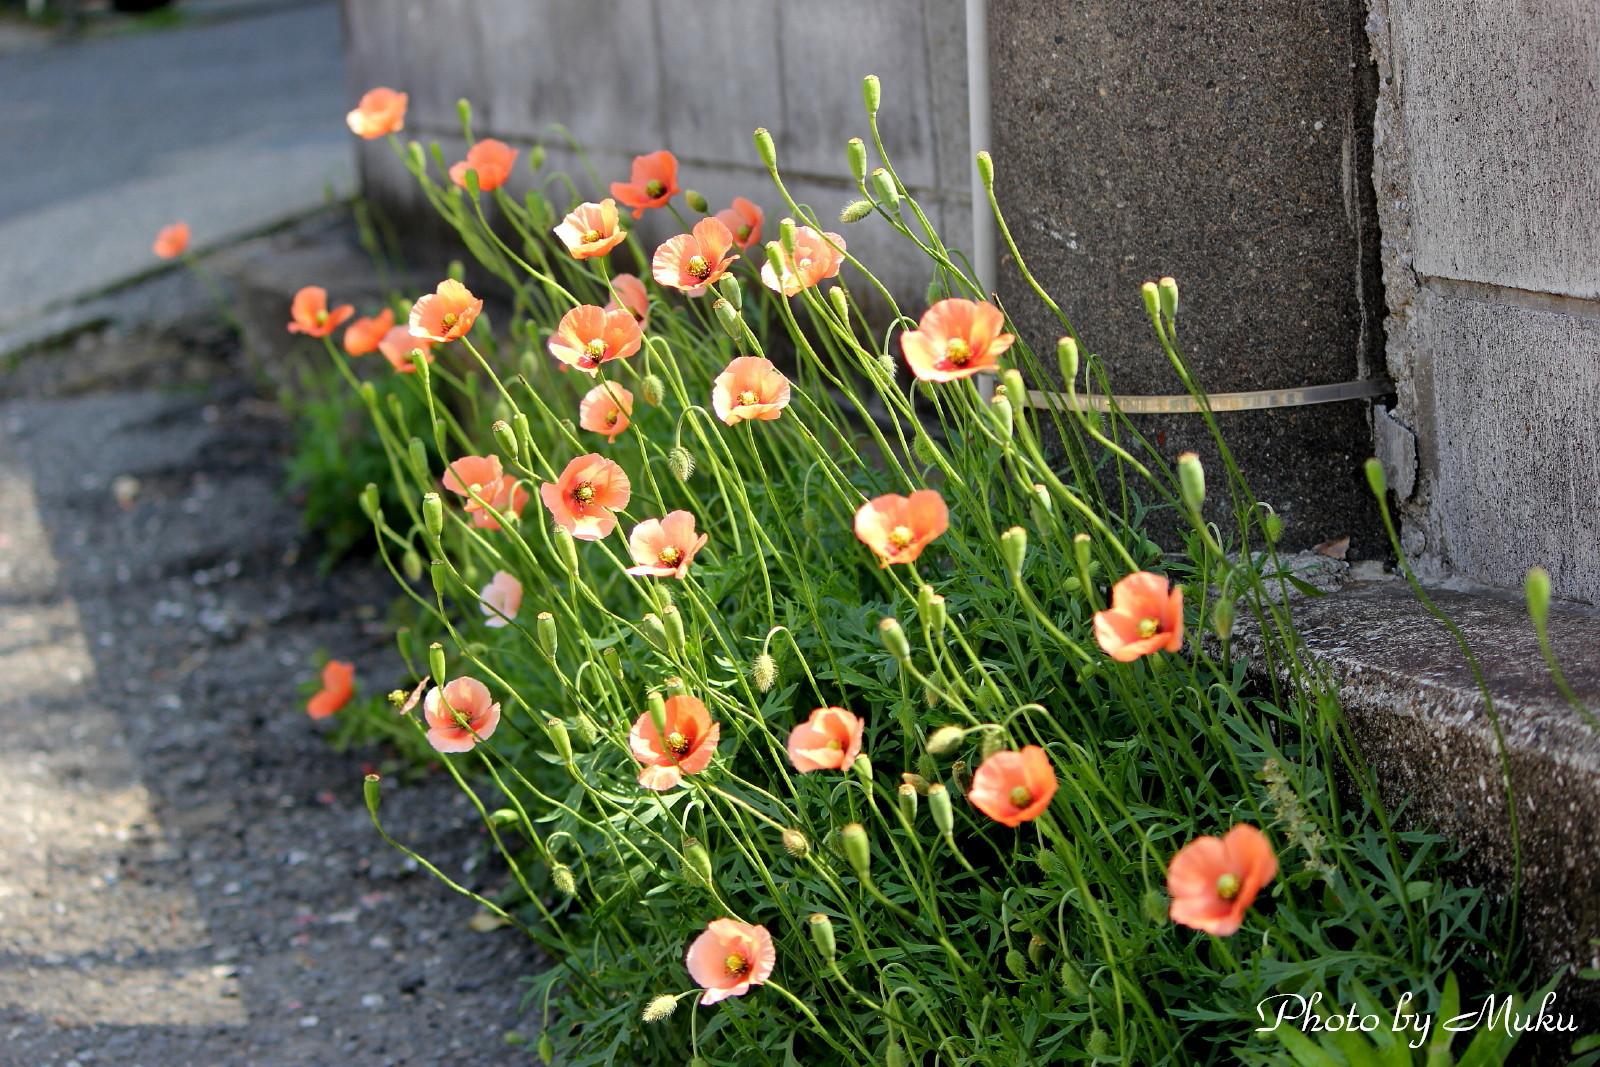 2014/05/02 ナガミケシ (散歩道:神奈川県横須賀市)